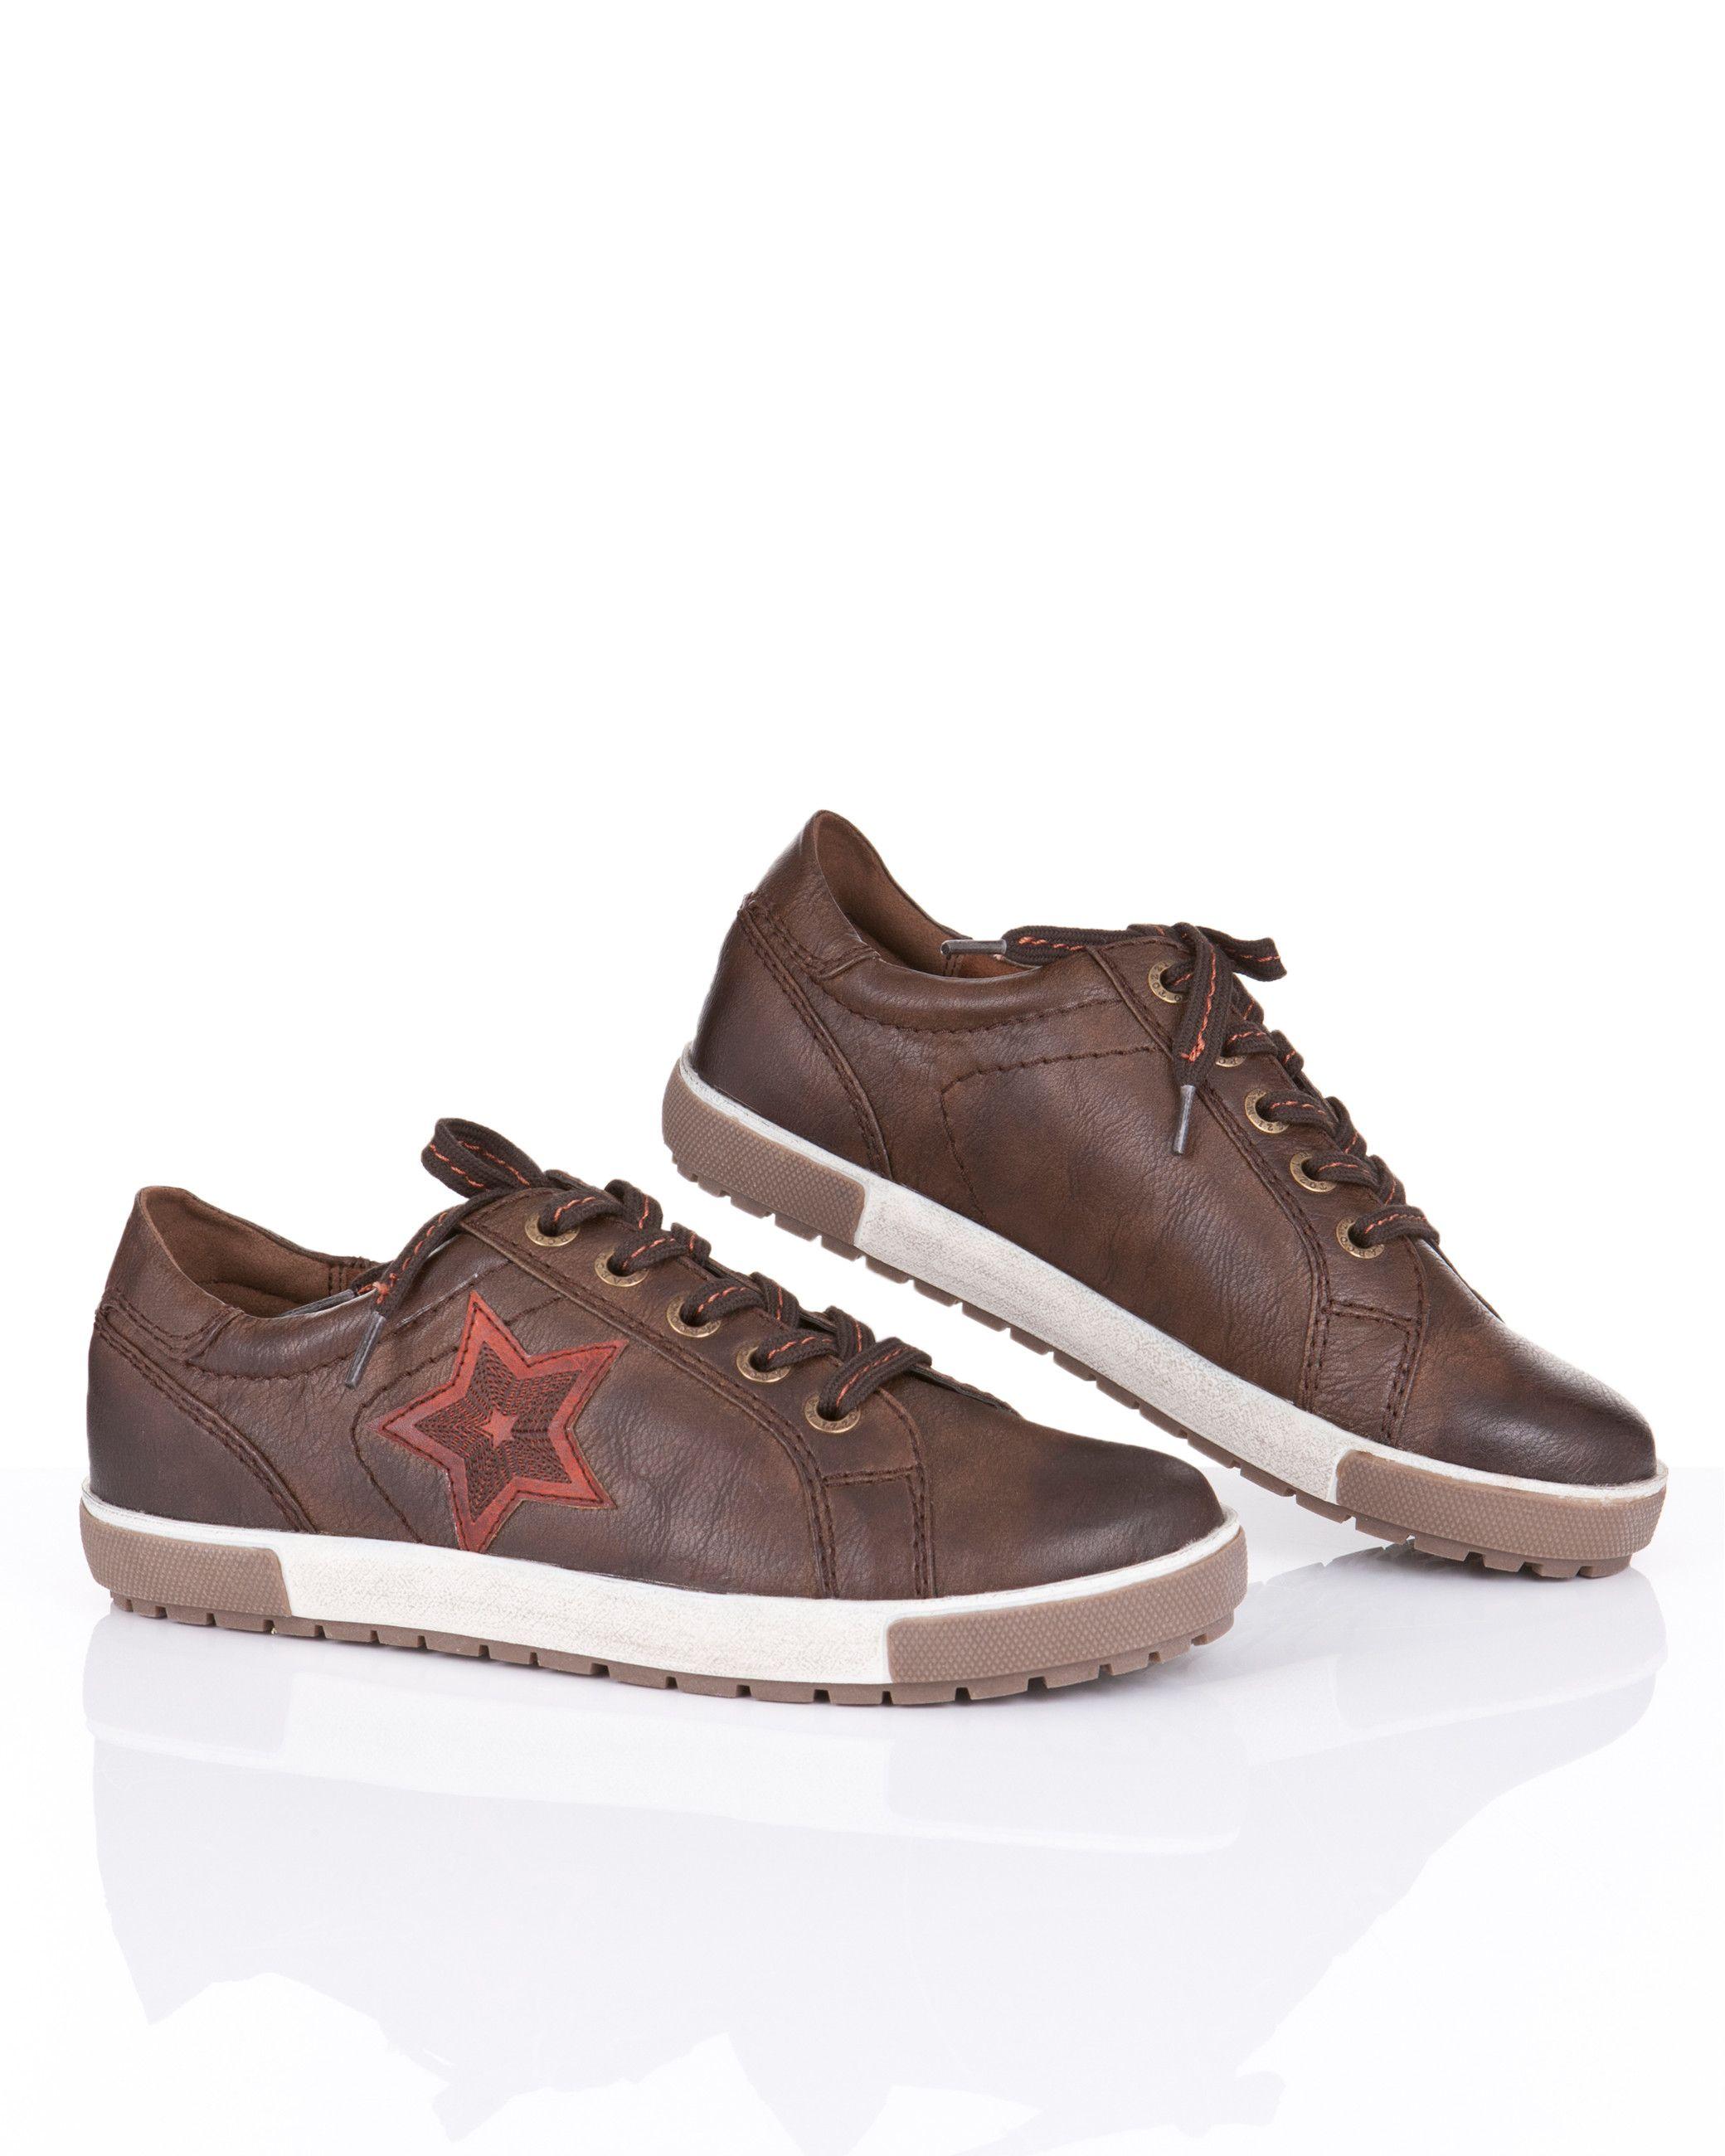 TozziWomen's FashionDamen TozziWomen's Marco FashionDamen SneakerHSE24 Marco EHYWDe2Ib9